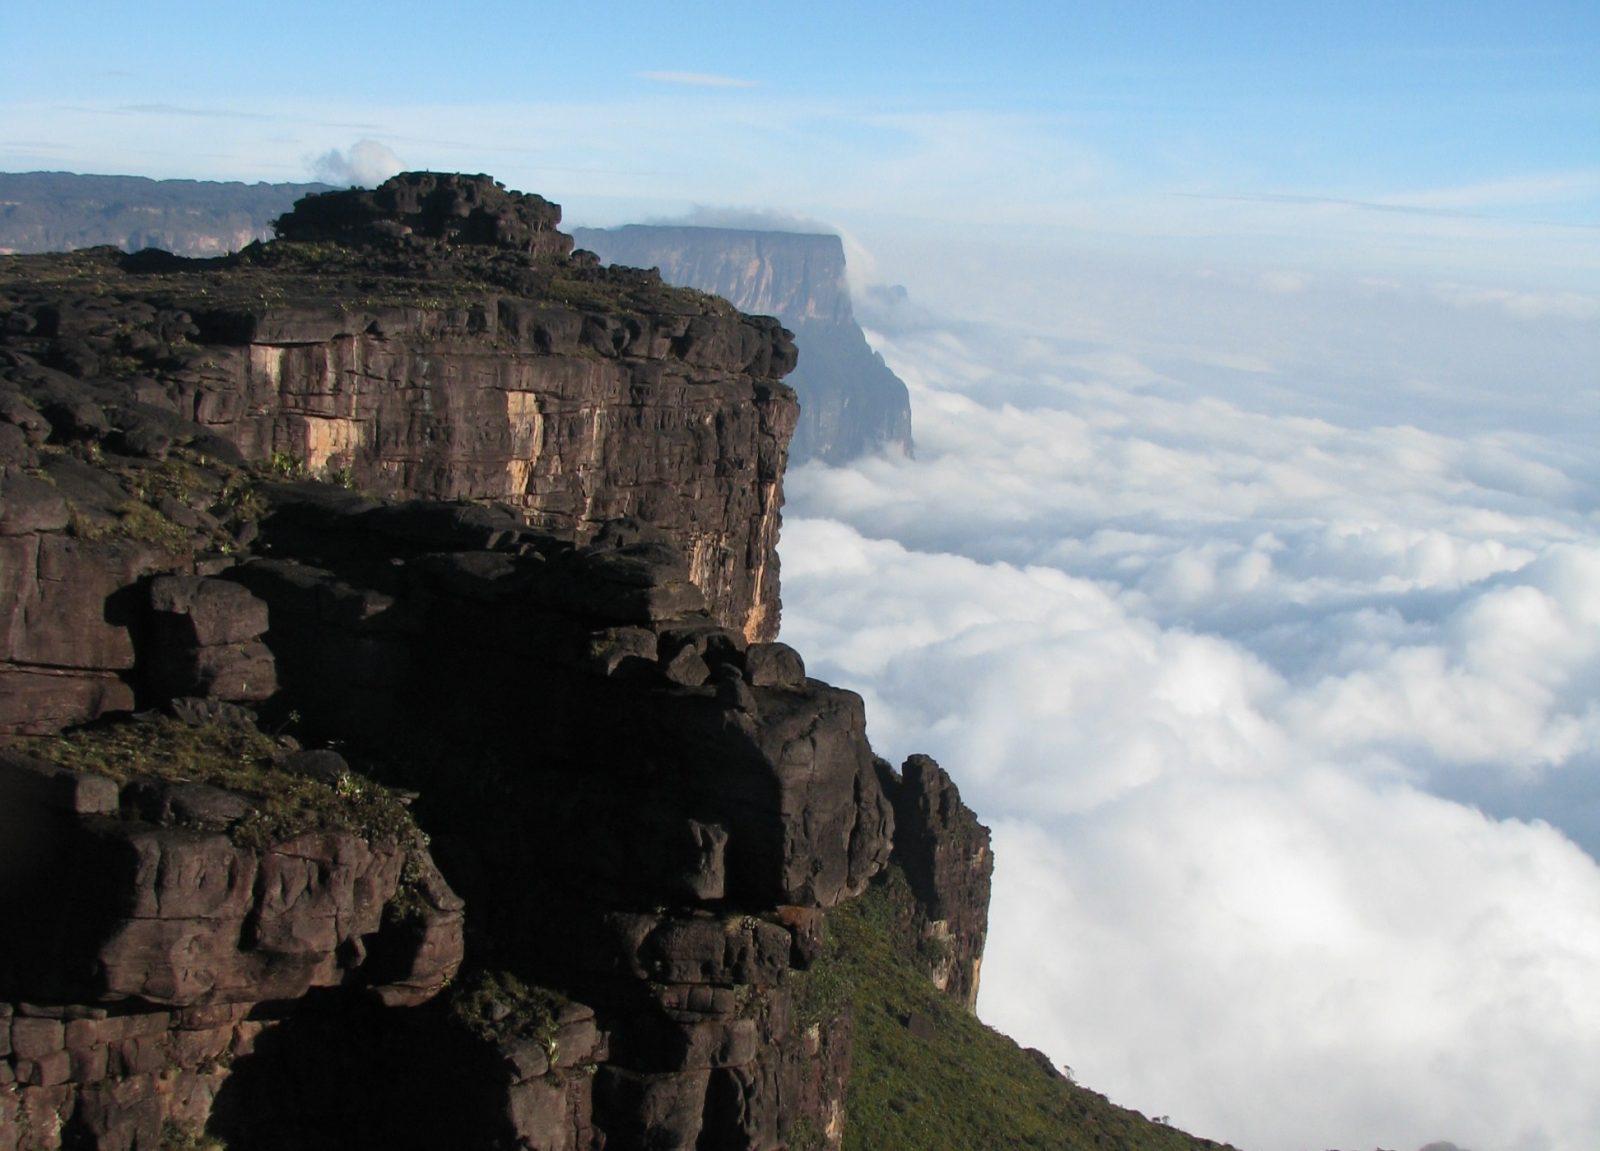 Национальный парк Канайма, Венесуэла